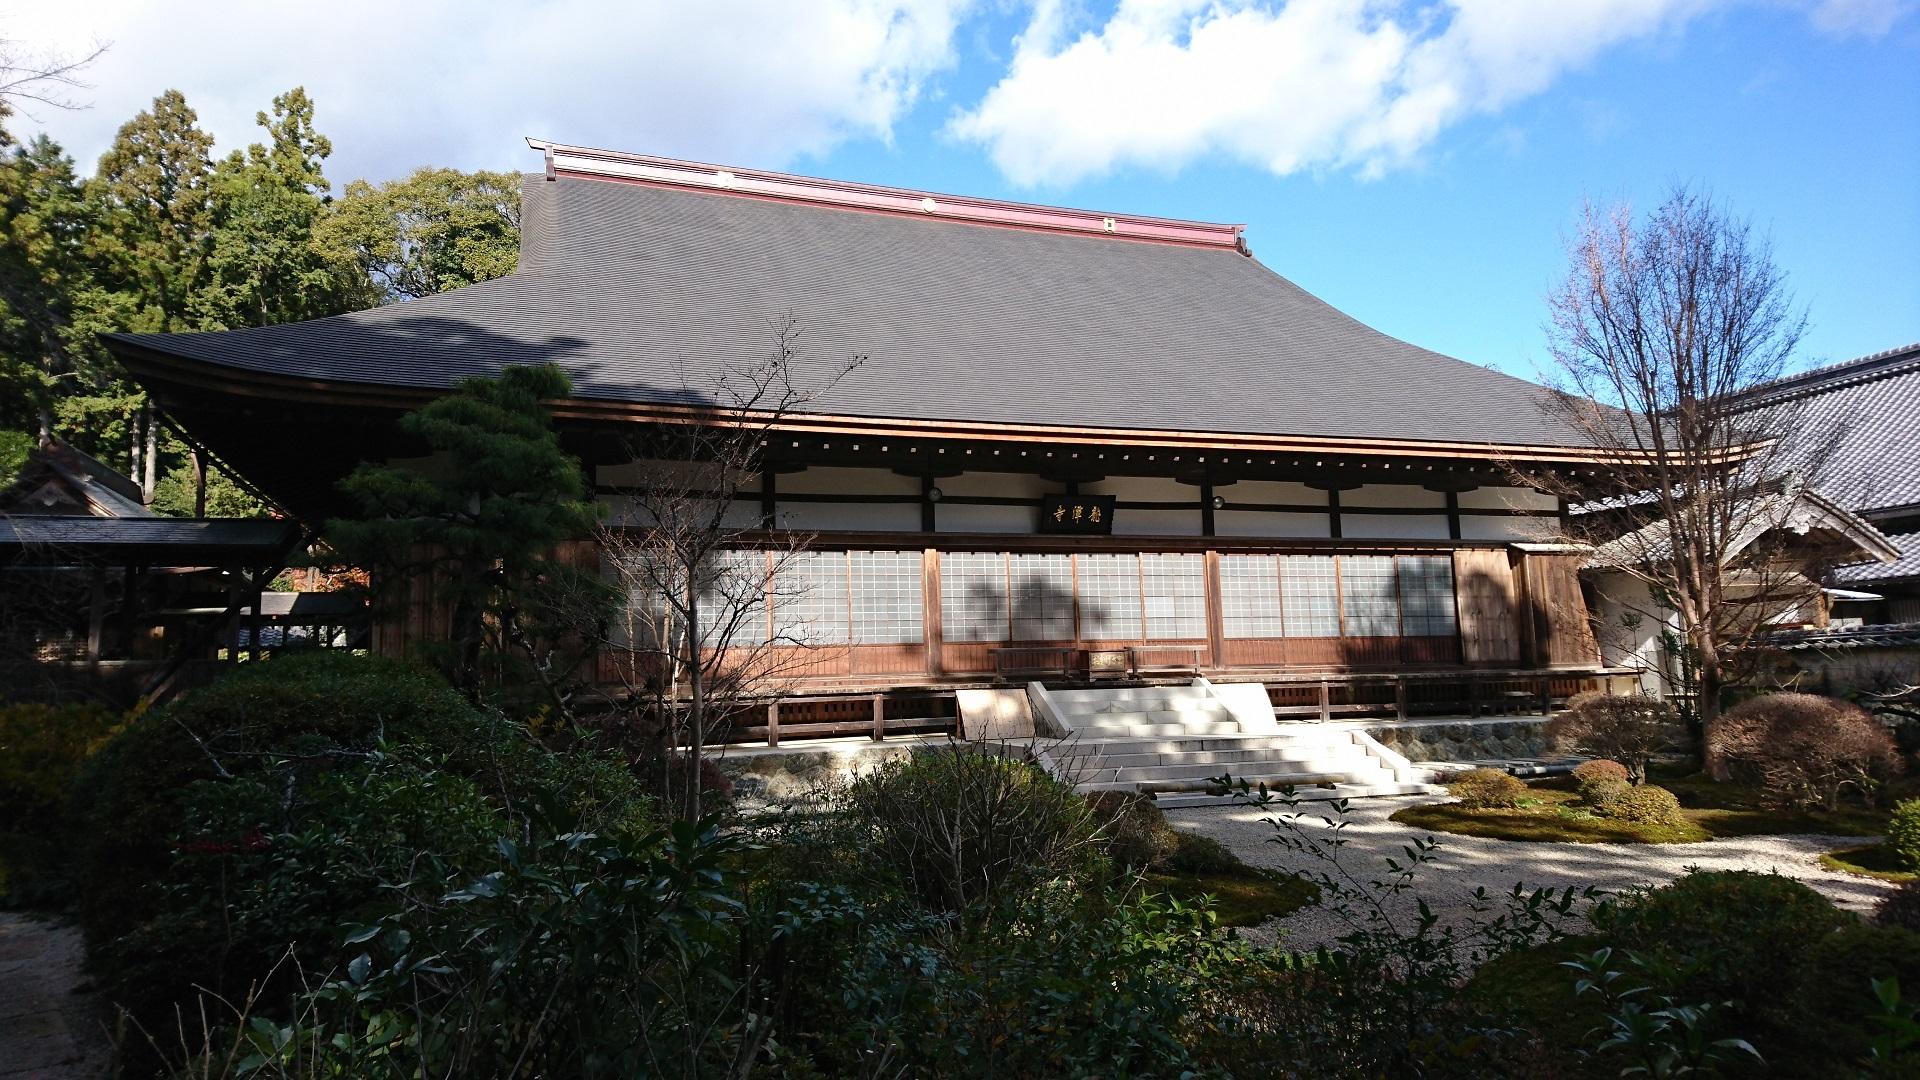 2016.12.23 竜潭寺 (6) 本堂